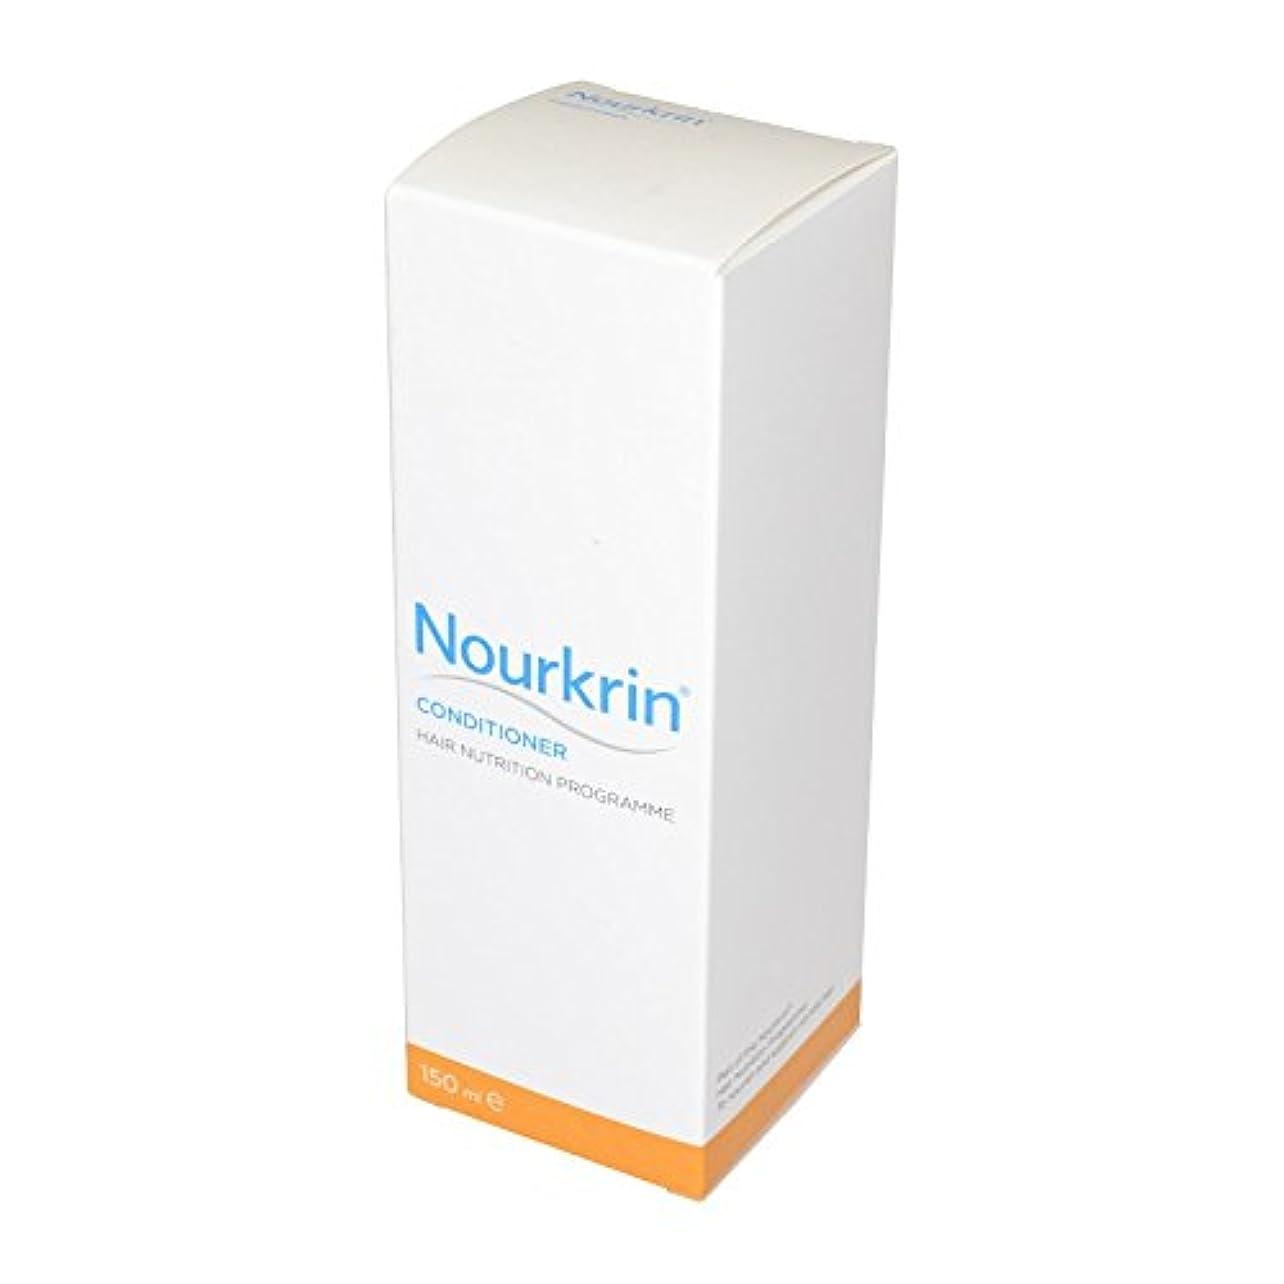 ブーム平行妨げるNourkrinコンディショナー - Nourkrin Conditioner (Nourkrin) [並行輸入品]